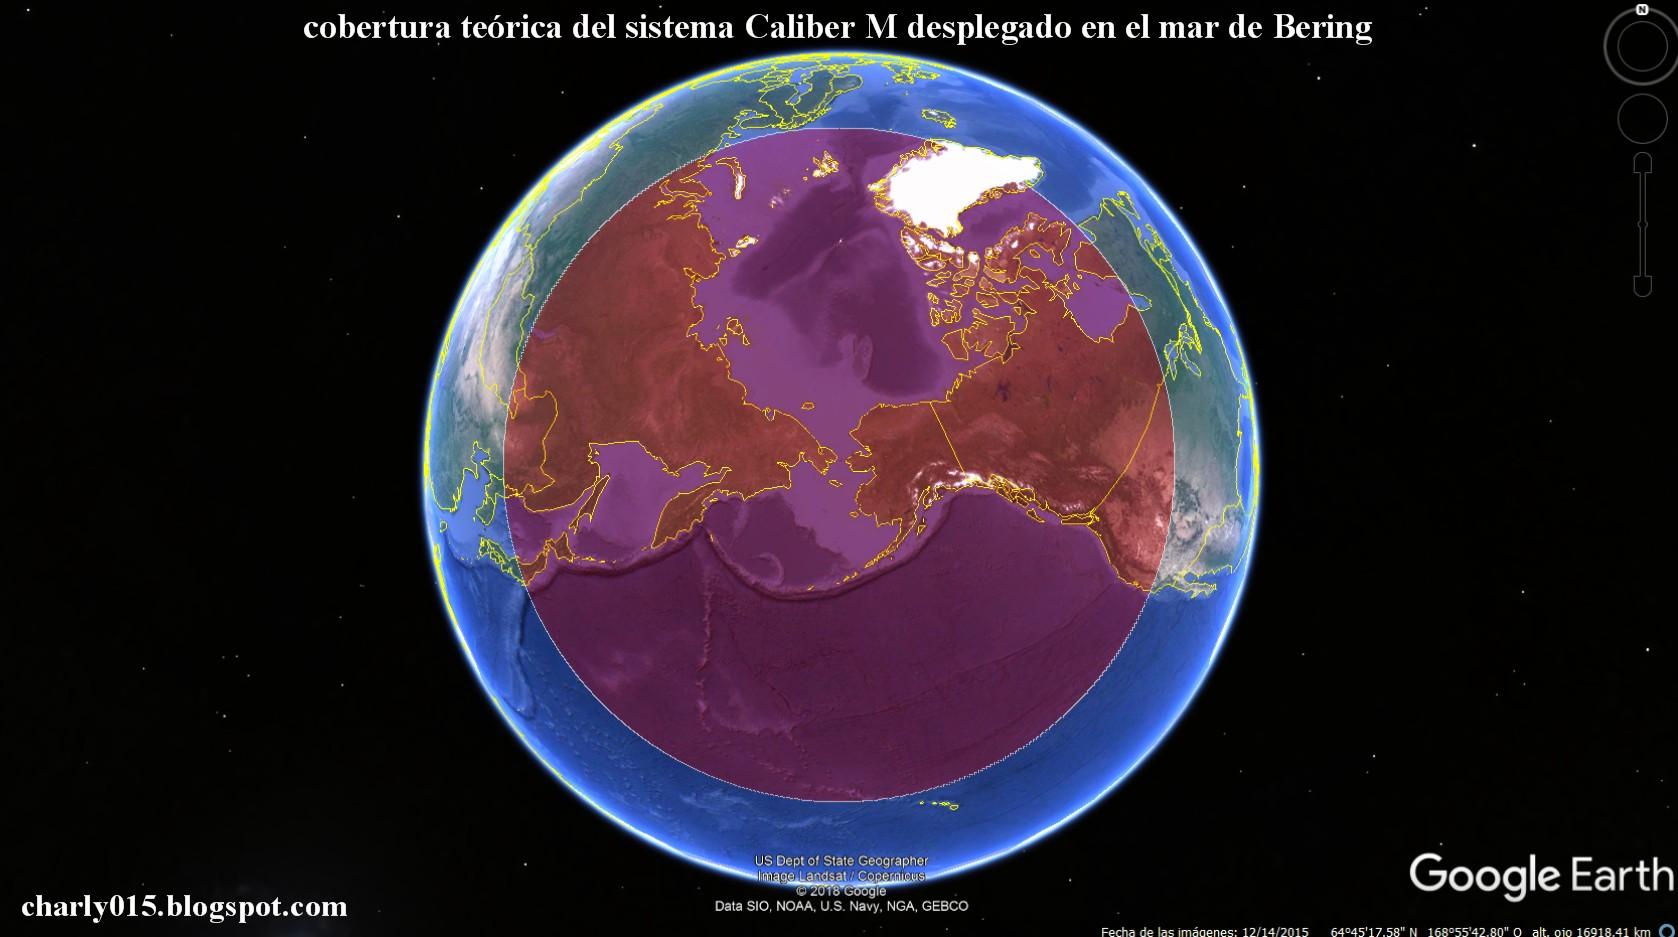 Kalibr missile system - Page 7 Egzqg25WoAEoaJj?format=jpg&name=large